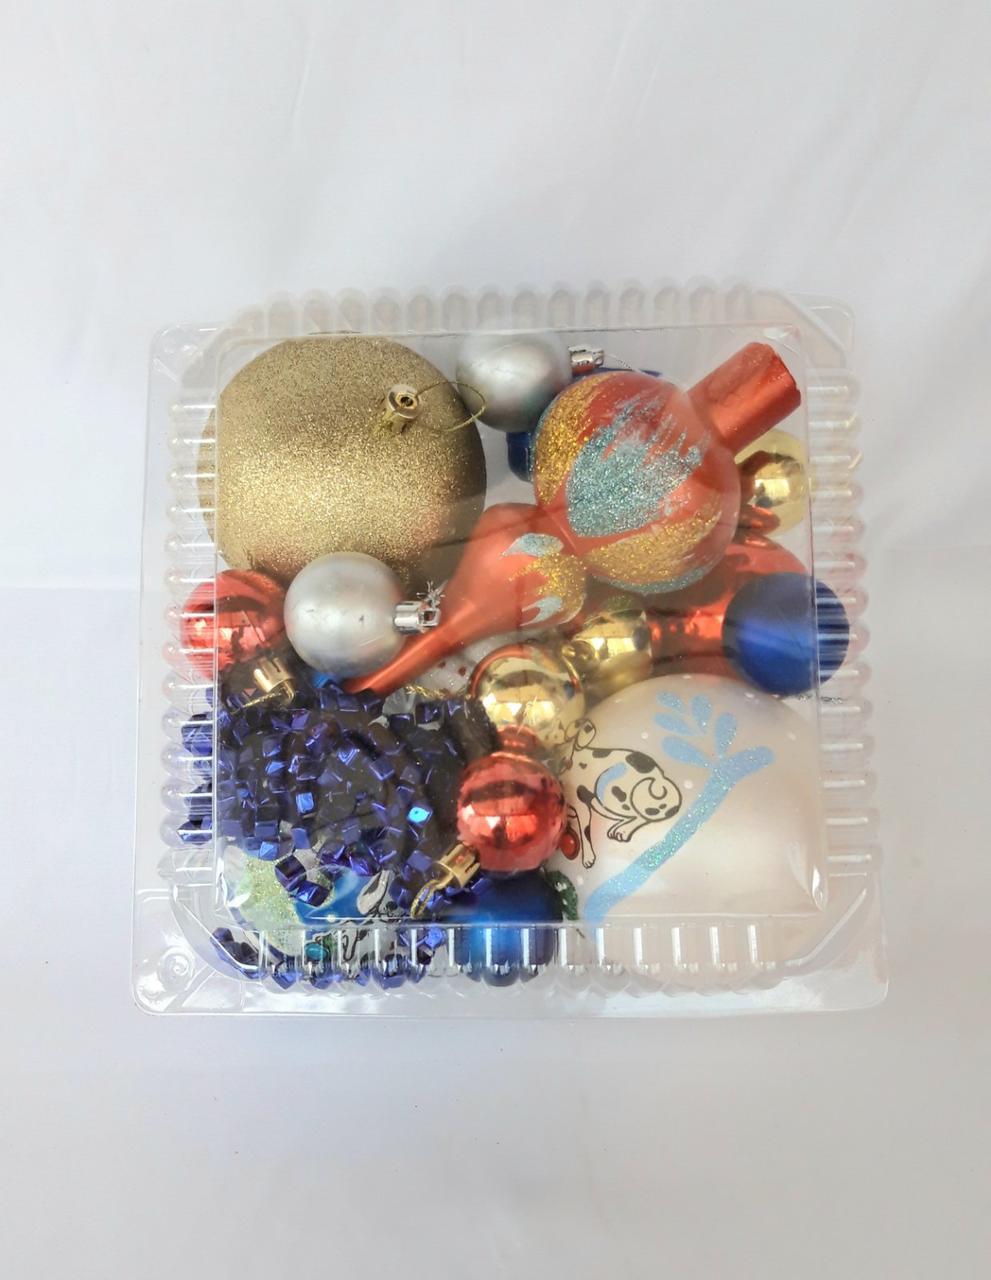 Елочные шары - набор (верхушка, бусы, шары разного диаметра, снежинки и фигурки)